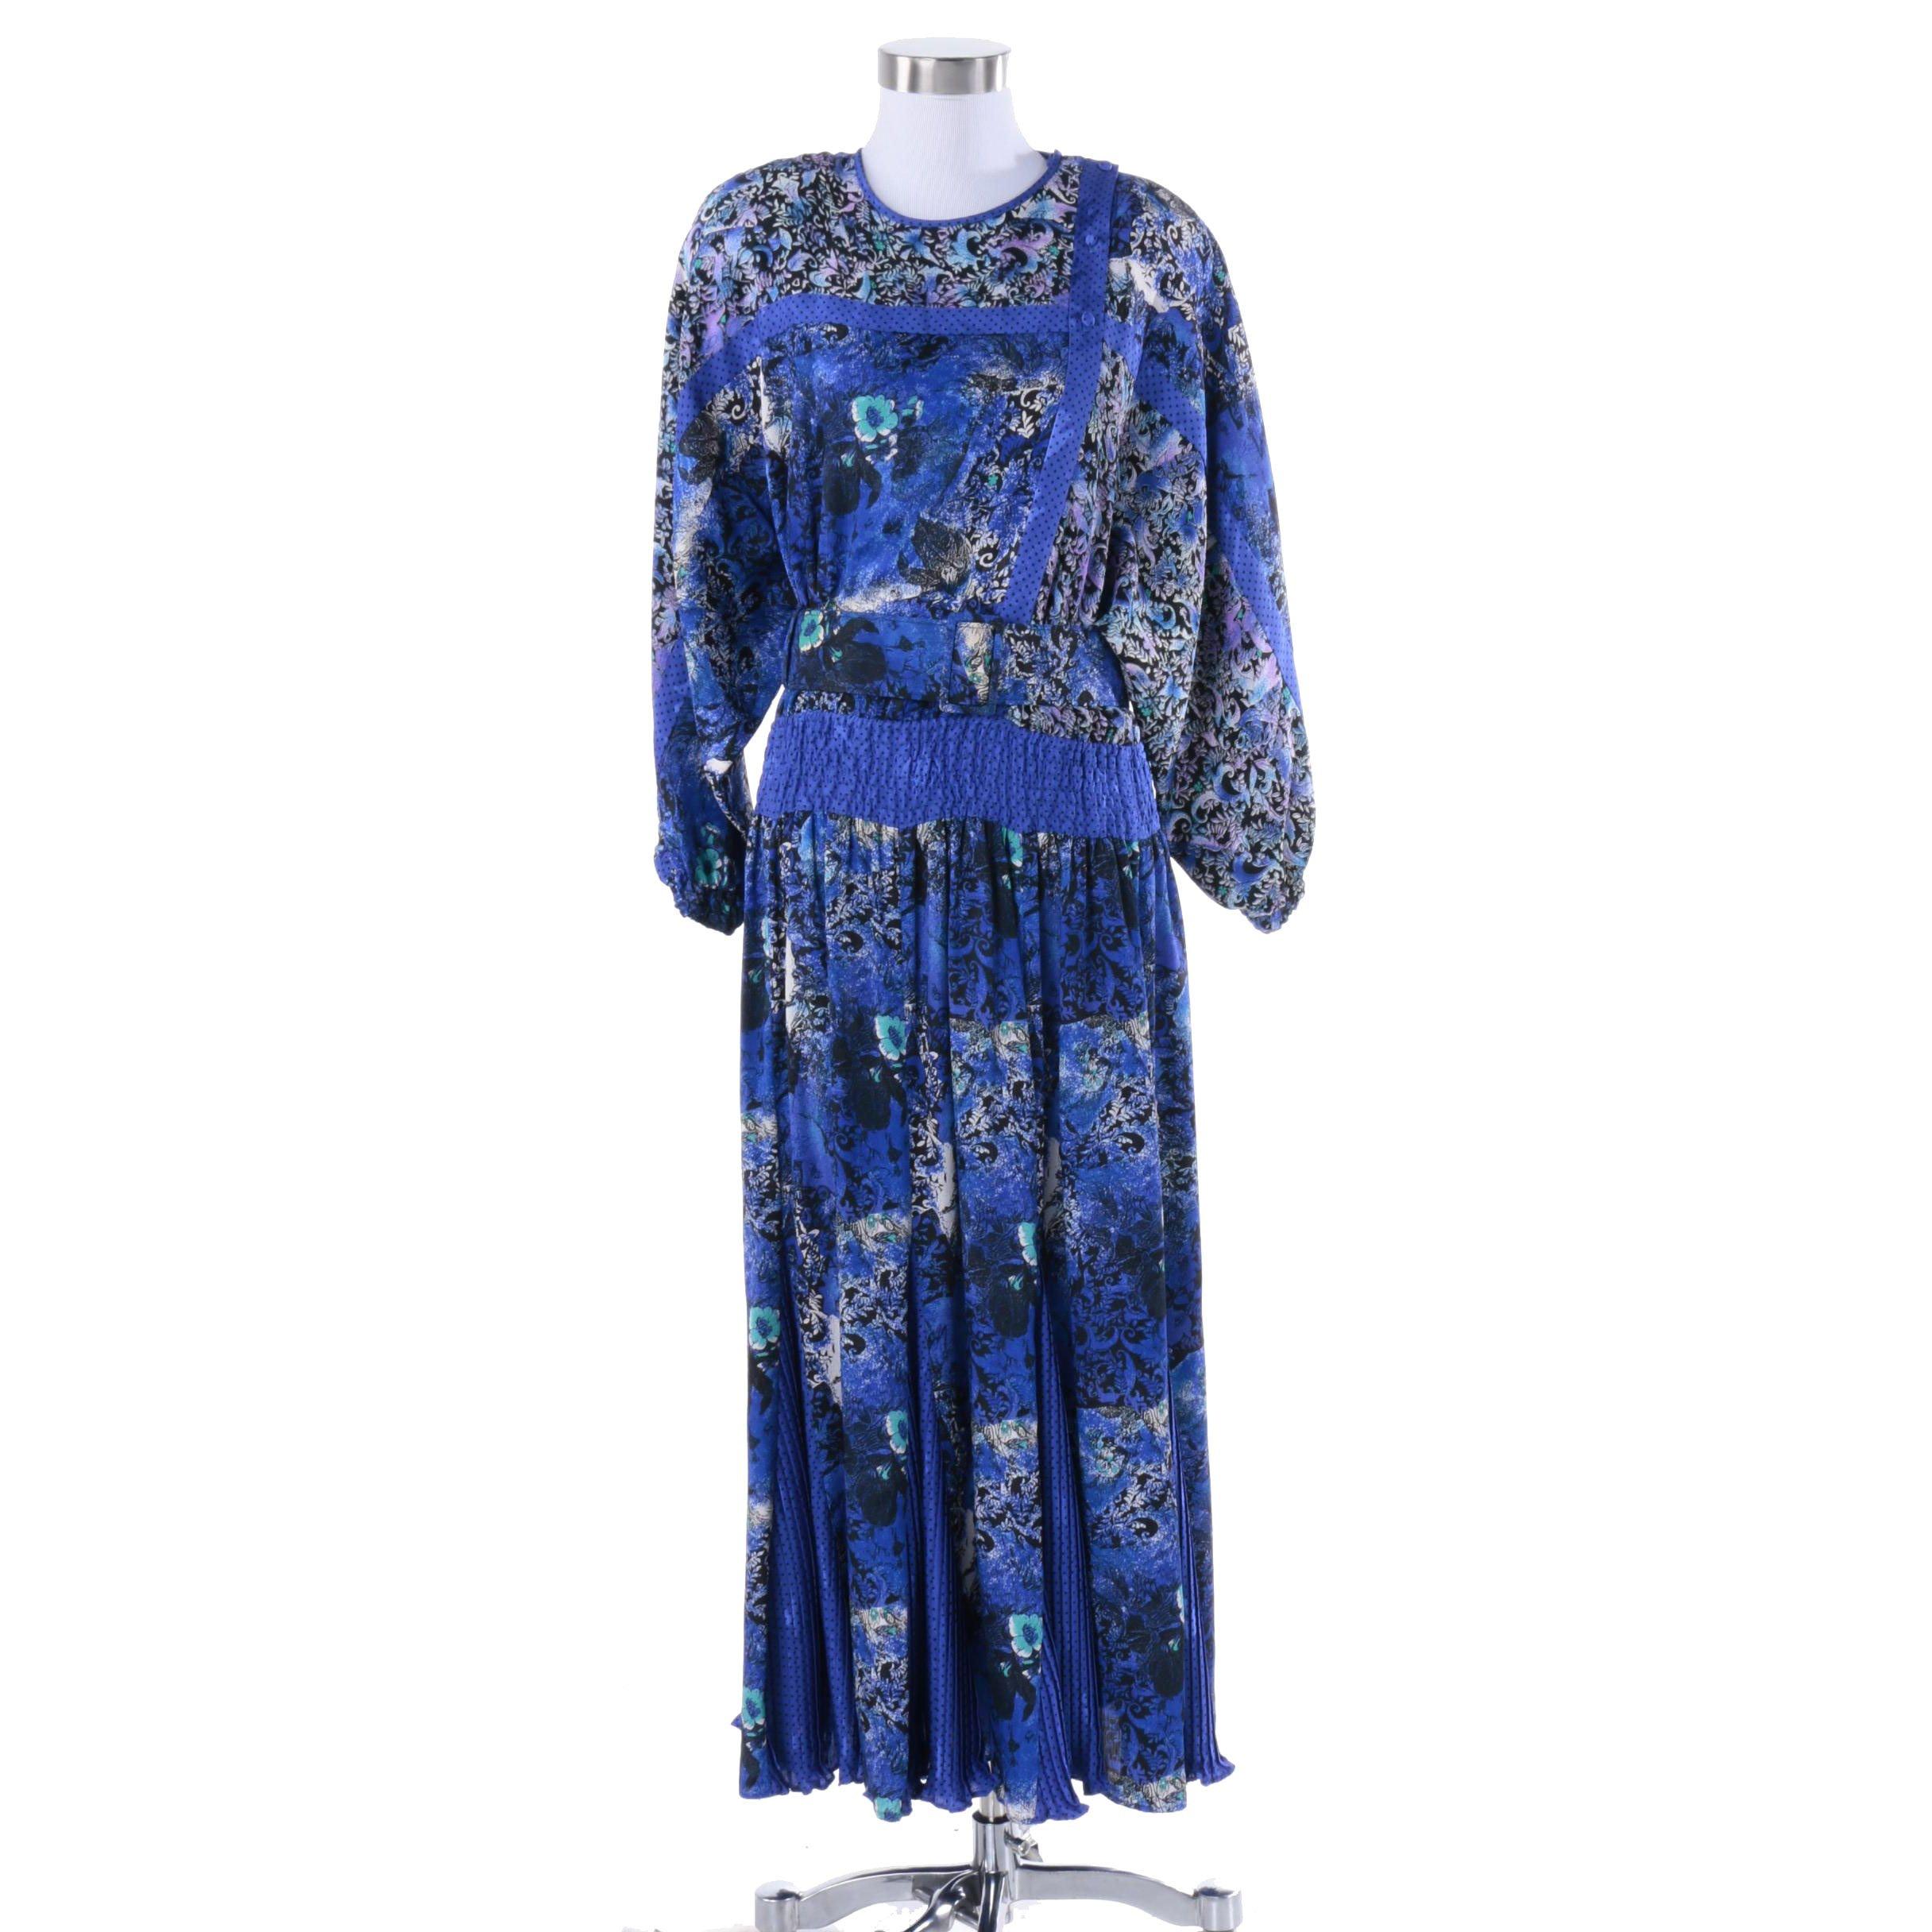 Diane Freis Dress